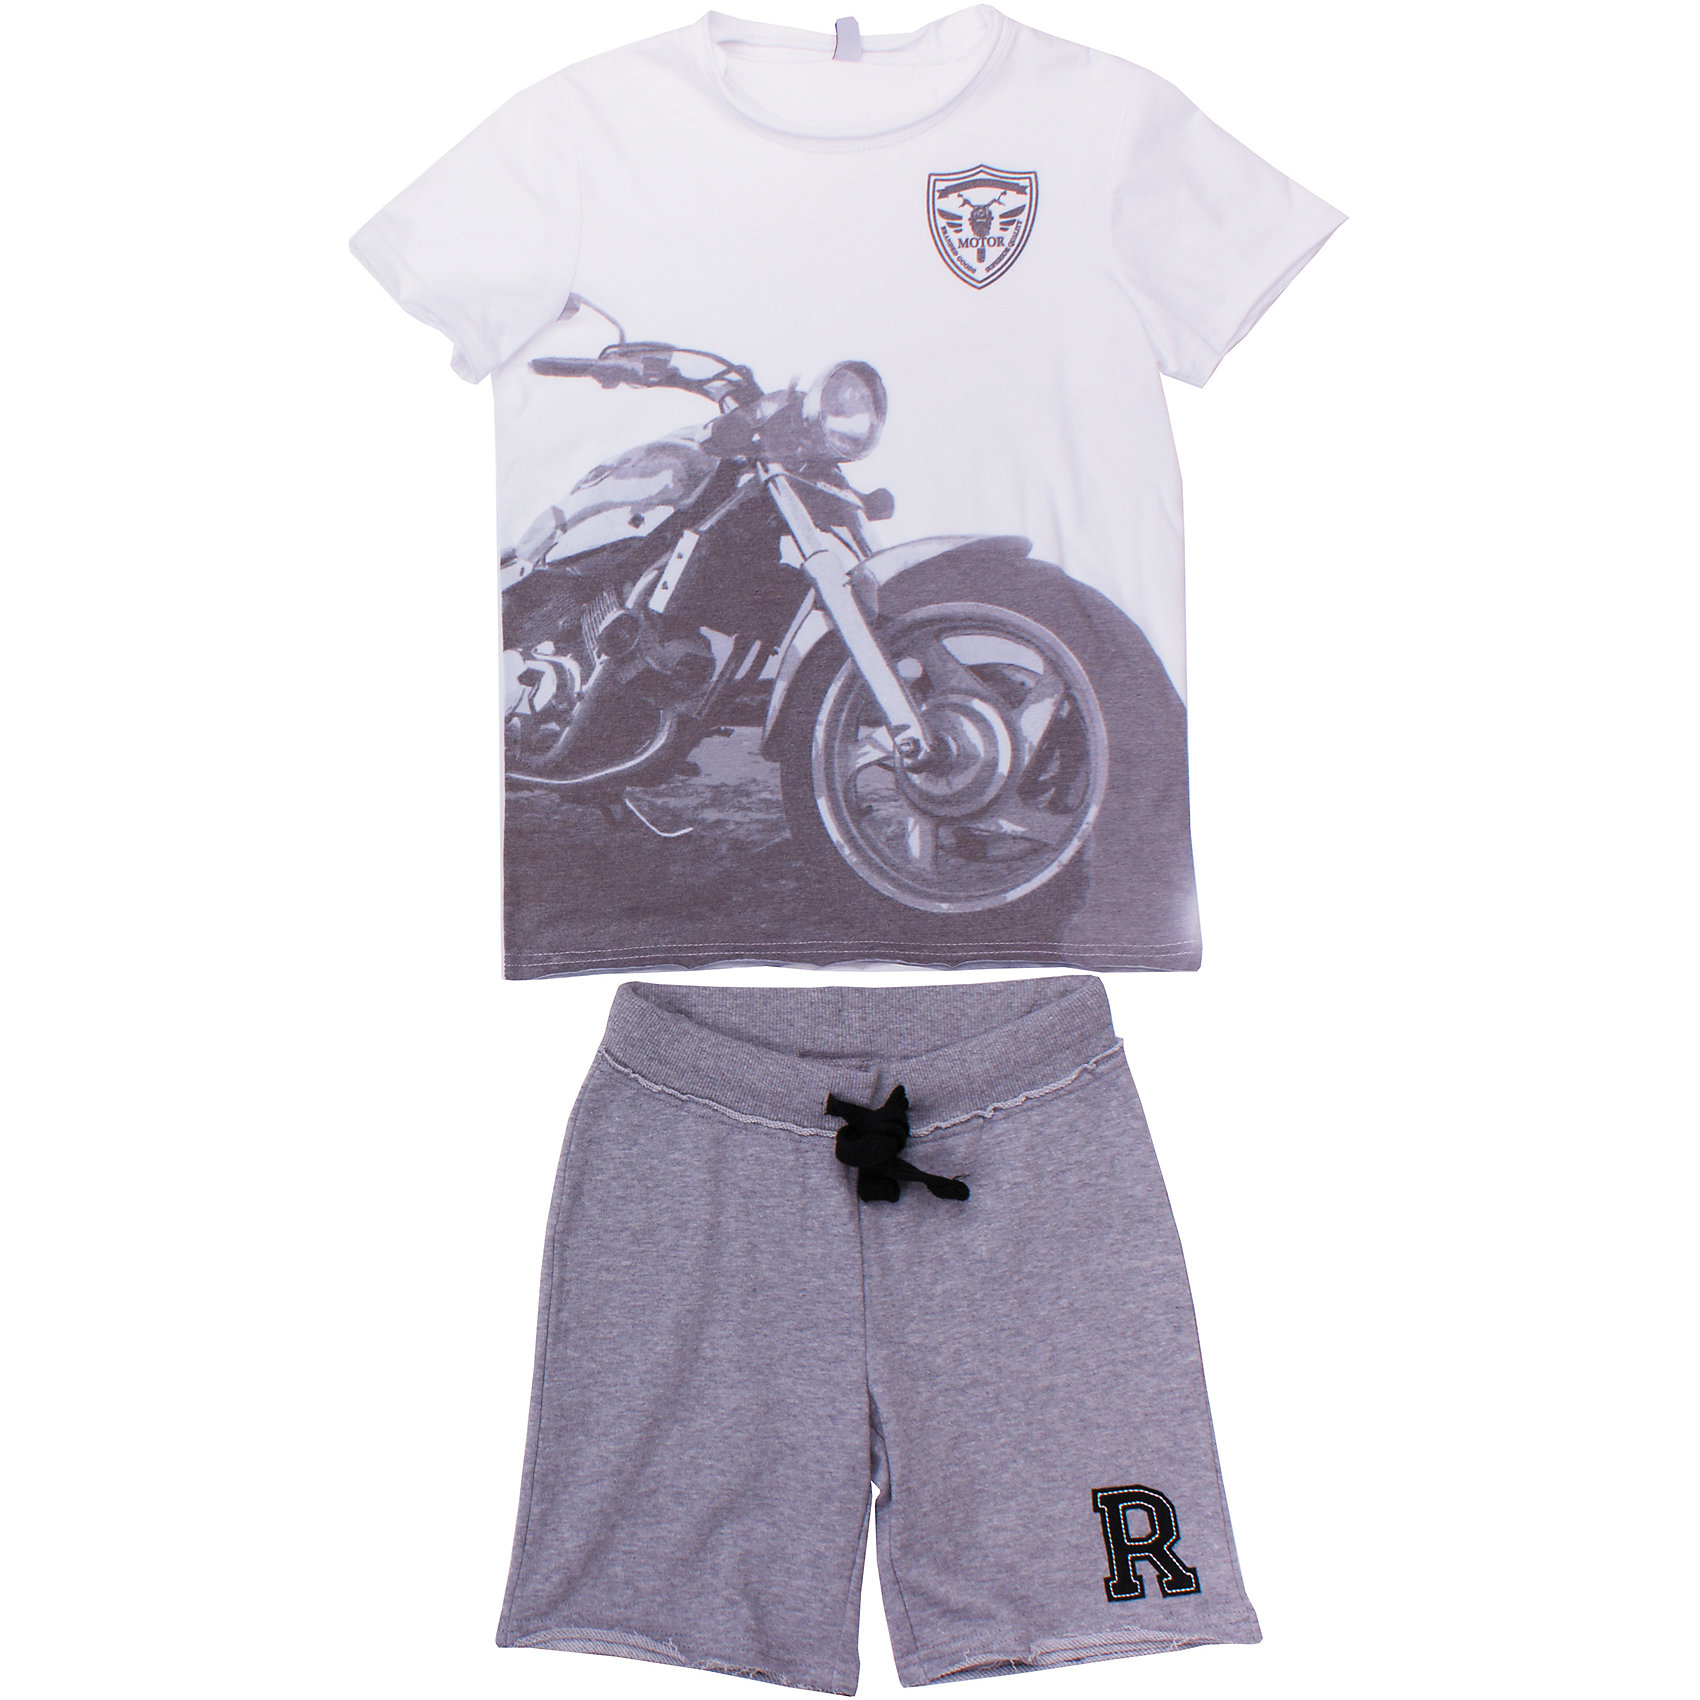 Комплект: футболка и шорты для мальчика ScoolКомплект из хлопковых шорт и футболки. Футболка украшена крупным водным фотопринтом с мотоциклом. Шорты цвета серый меланж. Пояс на резинке, дополнительно регулируется широким шнурком. Стильный необработанные края. Состав: 80% хлопок, 20% полиэстер<br><br>Ширина мм: 199<br>Глубина мм: 10<br>Высота мм: 161<br>Вес г: 151<br>Цвет: белый<br>Возраст от месяцев: 144<br>Возраст до месяцев: 156<br>Пол: Мужской<br>Возраст: Детский<br>Размер: 158,164,140,146,134,152<br>SKU: 4652806